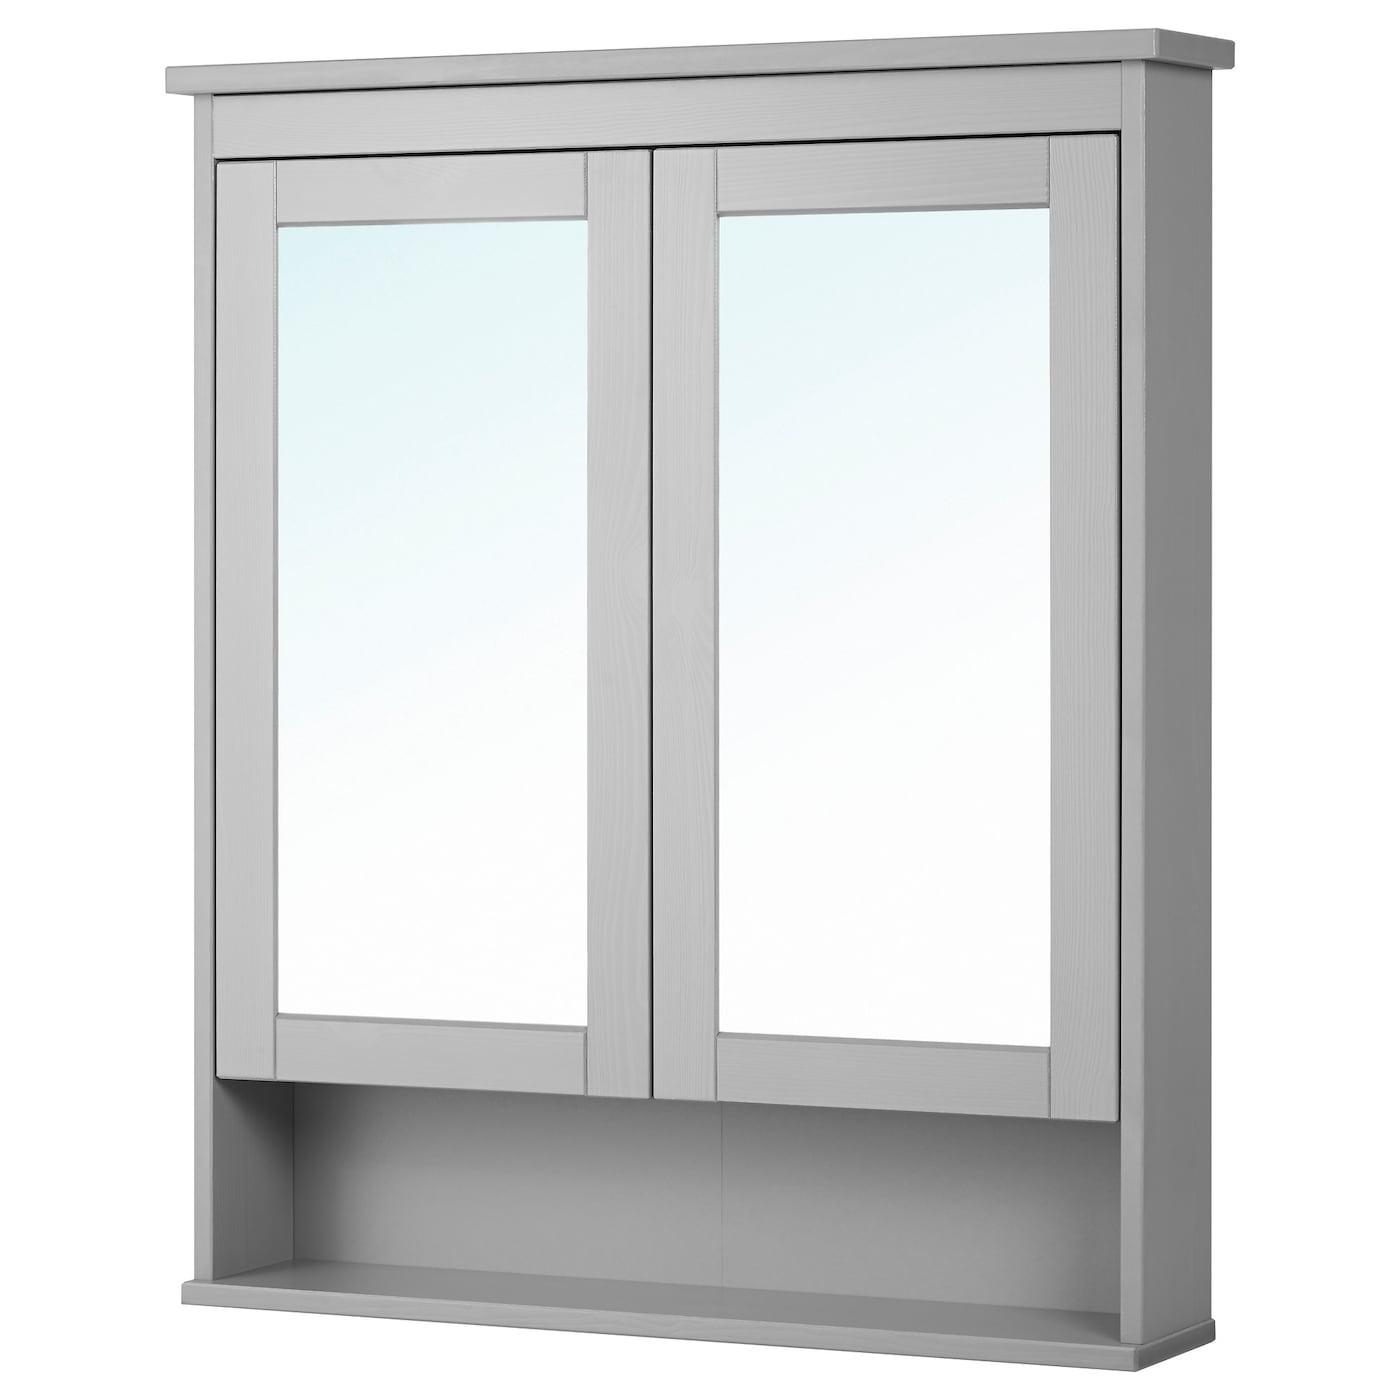 Hemnes Mirror Cabinet With 2 Doors Gray 32 5 8x6 1 4x38 5 8 Ikea